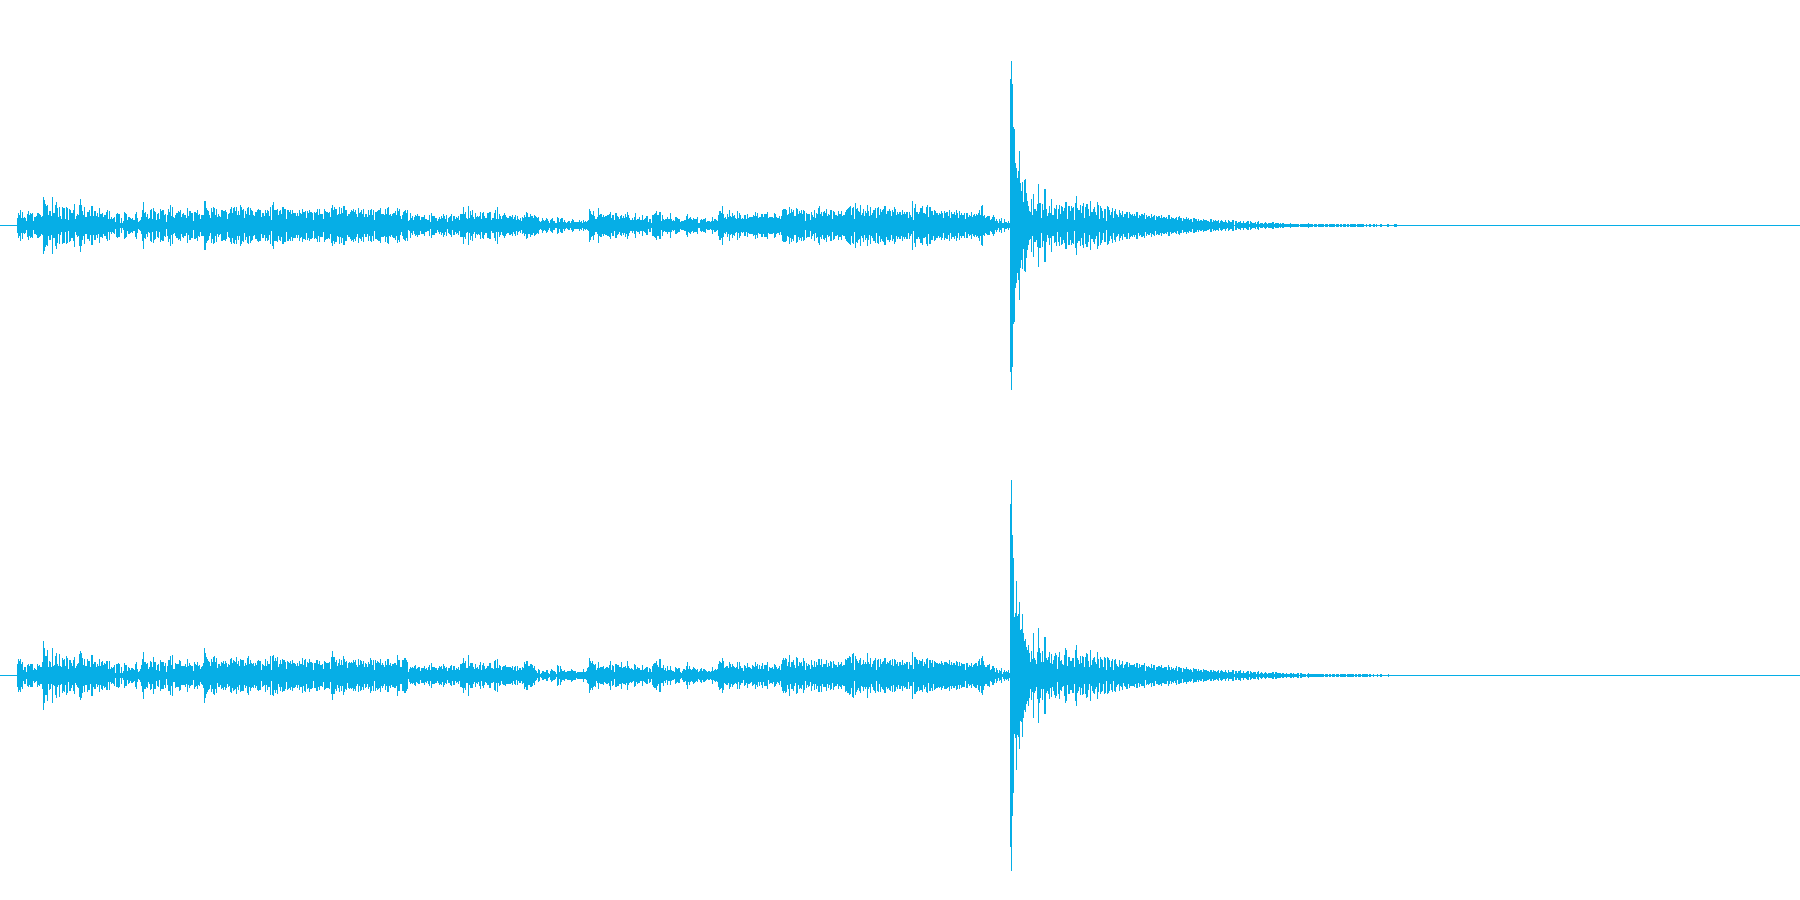 「ドロドロ…」大太鼓のフレーズ音+FXの再生済みの波形